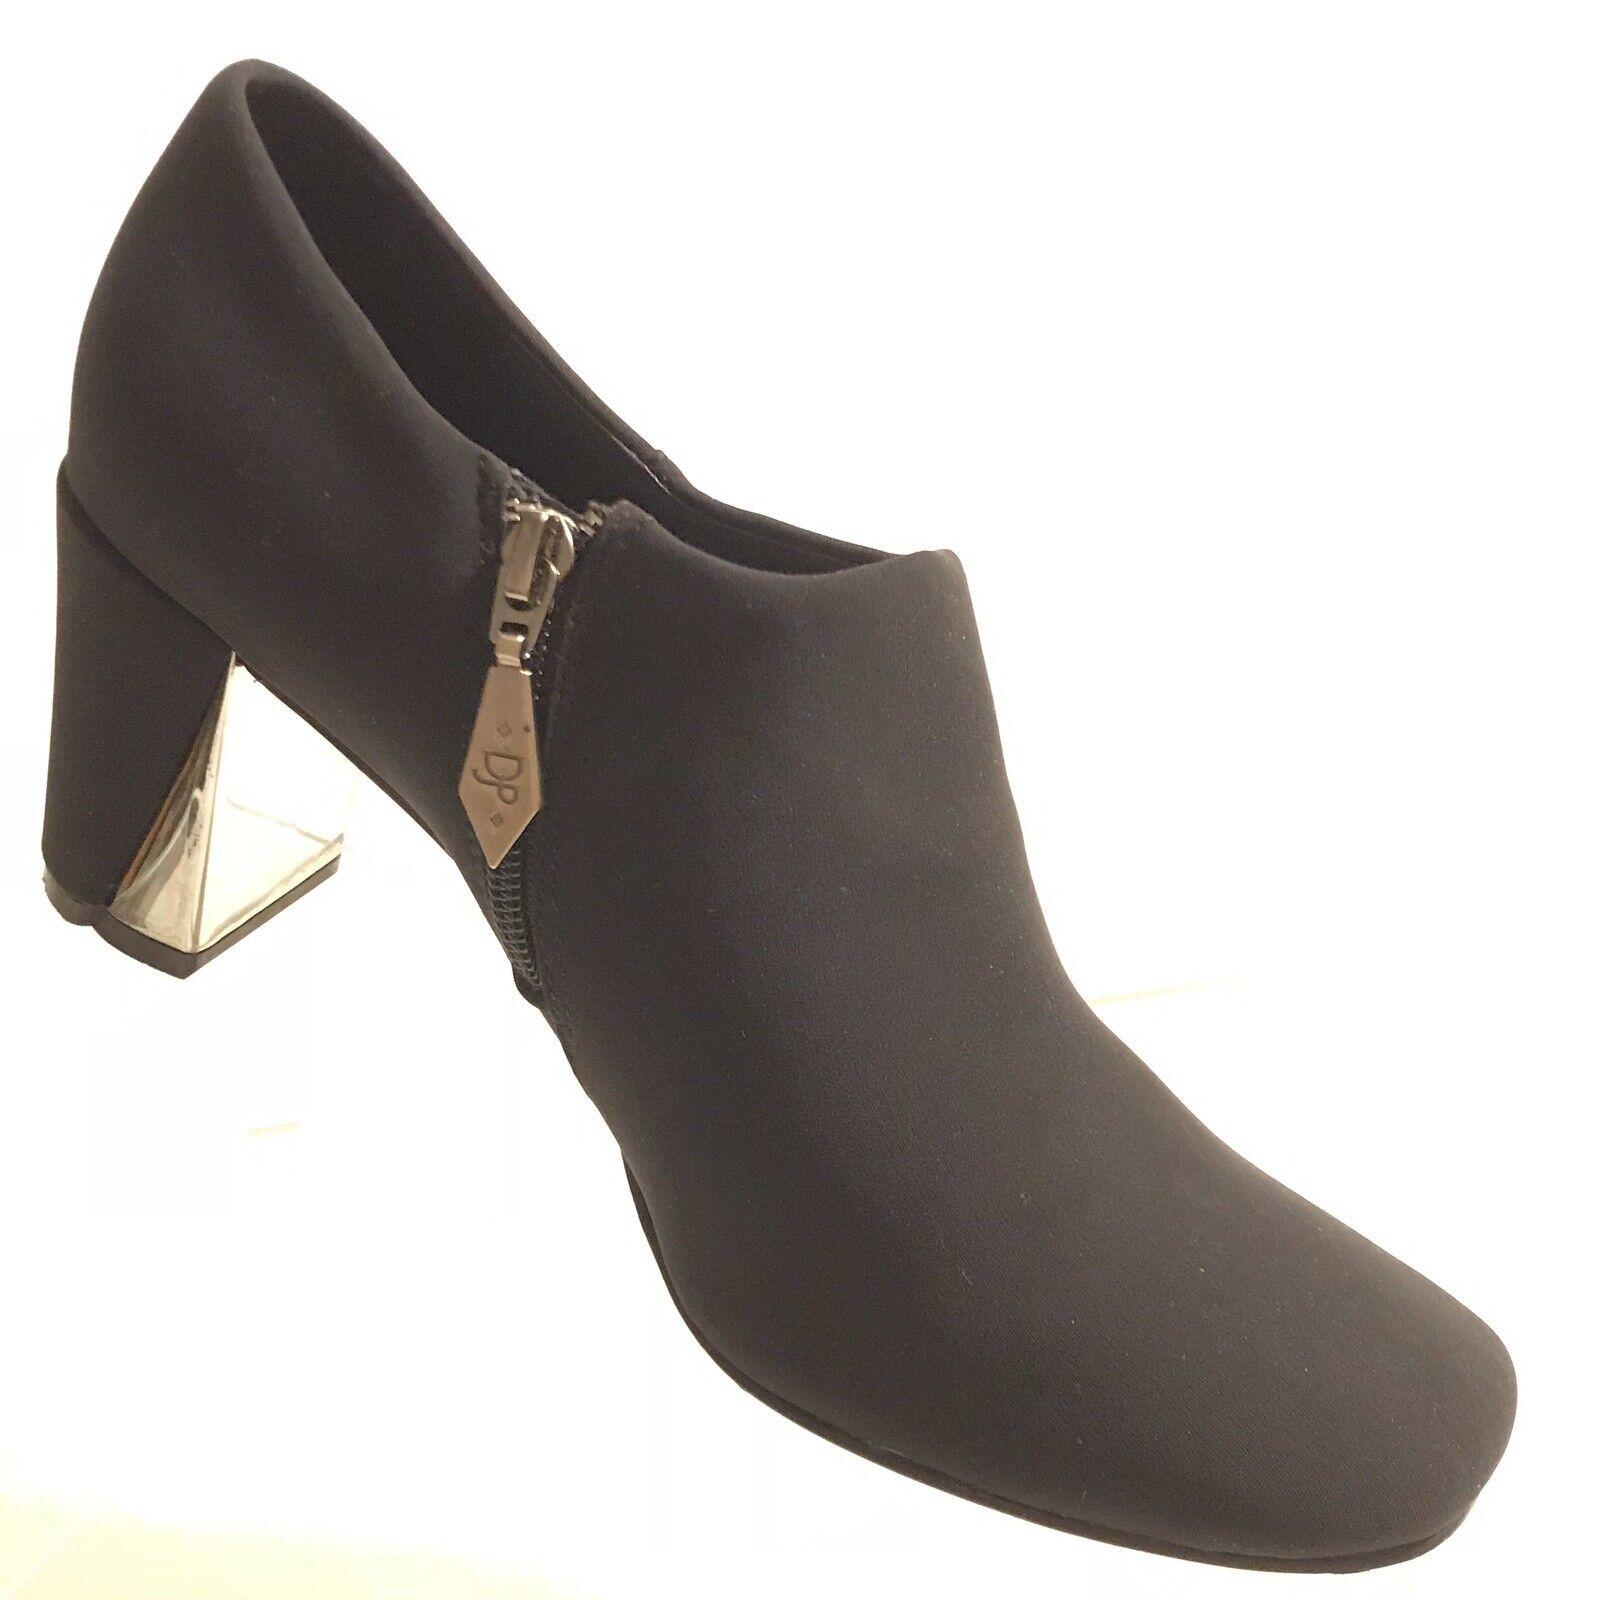 Donald J Pliner womens Zip Up Booties 9.5 Med Black Block Heel shoes SB579